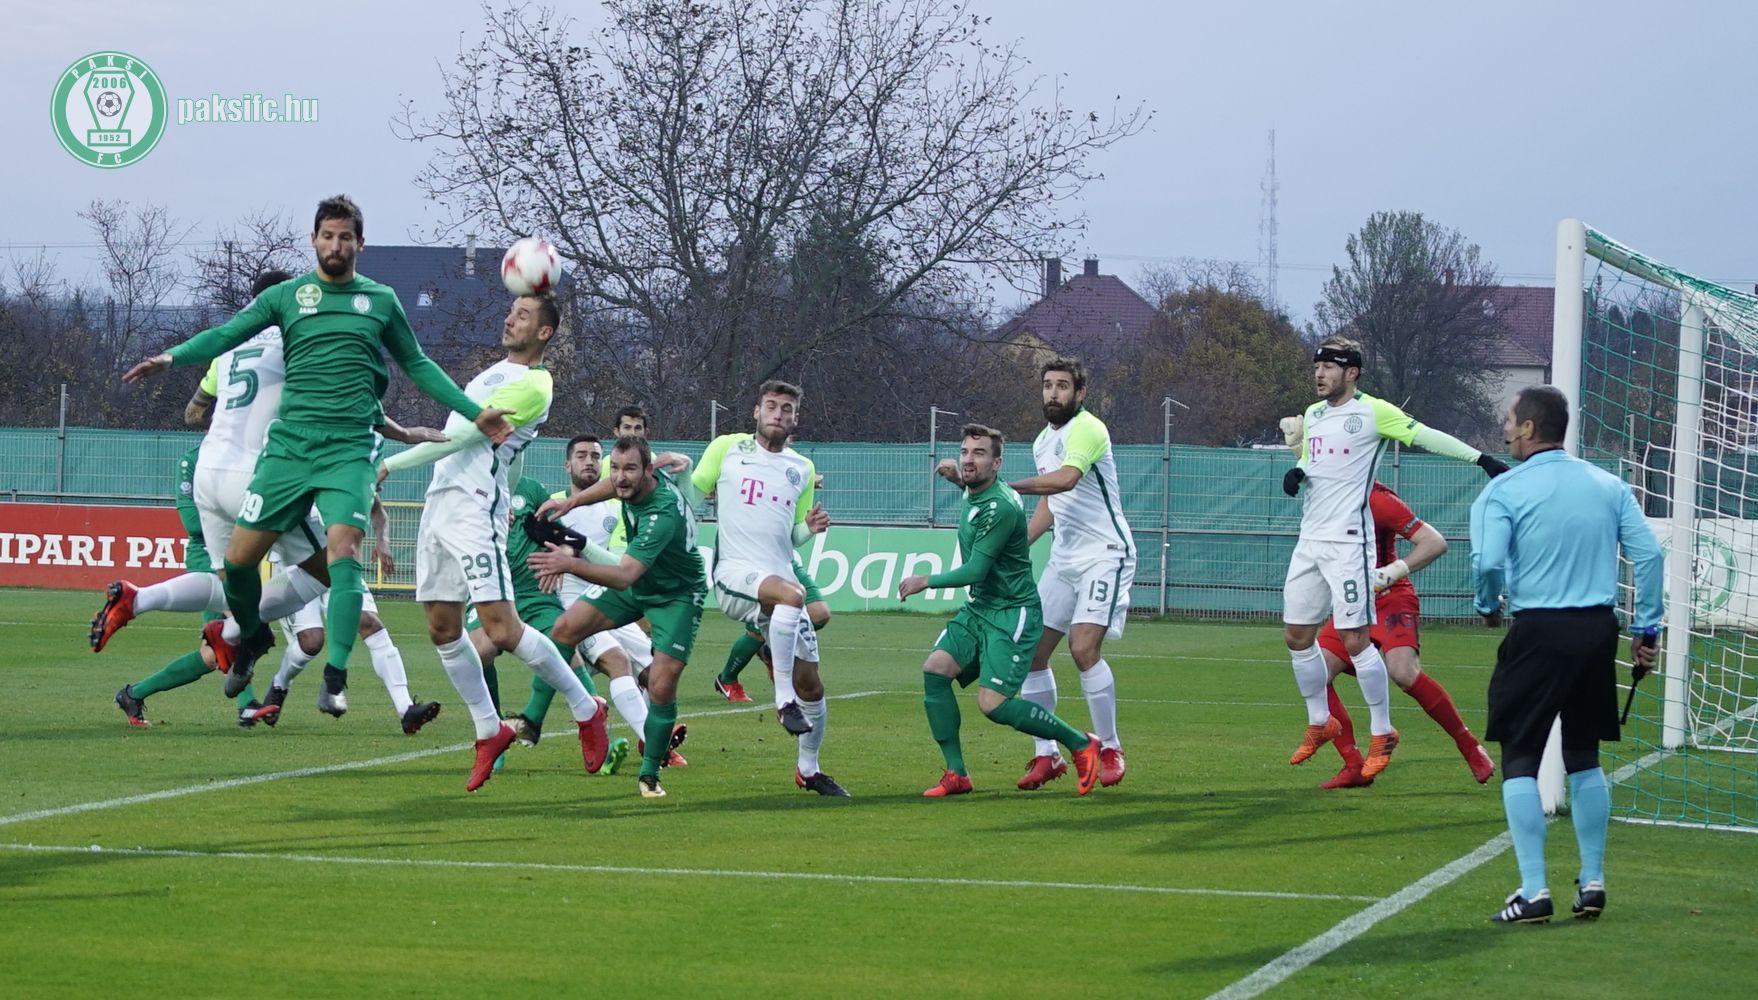 Paks Ferencváros meccskép